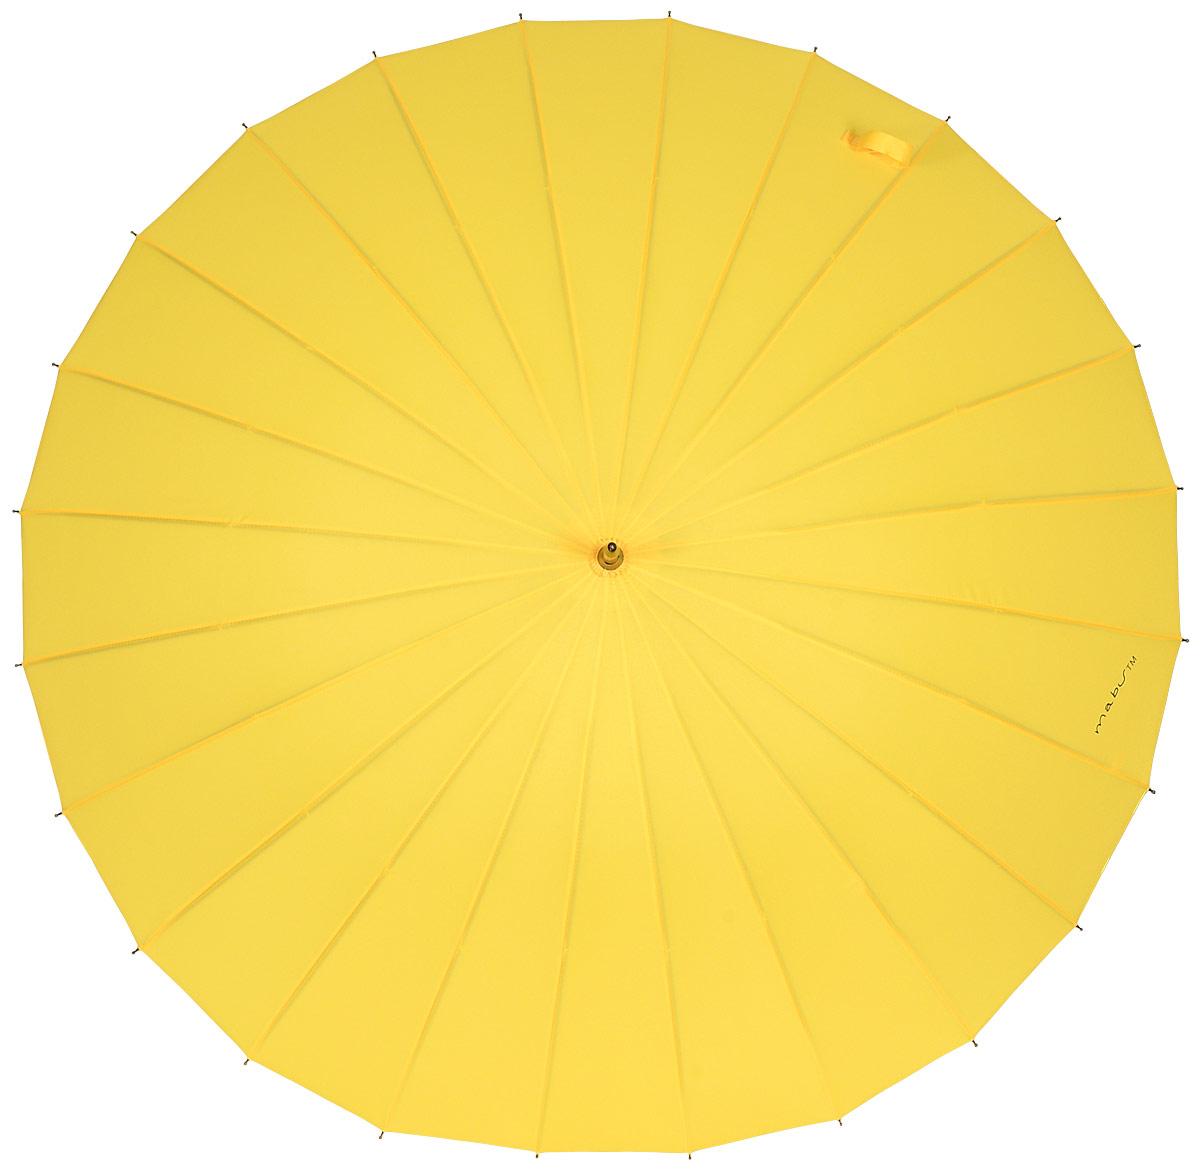 Зонт женский Kawaii Factory Mabu, цвет: желтый. KW042-000033KW042-000033Элегантный зонт от Kawaii Factory Mabu даже в ненастную погоду позволит вам оставаться стильной и элегантной. Зонт состоит из стержня и 24 спиц, изготовленных из металла. Купол изготовлен из полиэстера, который надежно защитит вас от дождя. Зонт дополнен удобной ручкой, которая выполнена в виде крючка. Также зонт имеет пластиковый наконечник, который устраняет попадание воды на стержень и уберегает зонт от повреждений. Изделие имеет механический механизм сложения. Зонт закрывается хлястиком на кнопку.